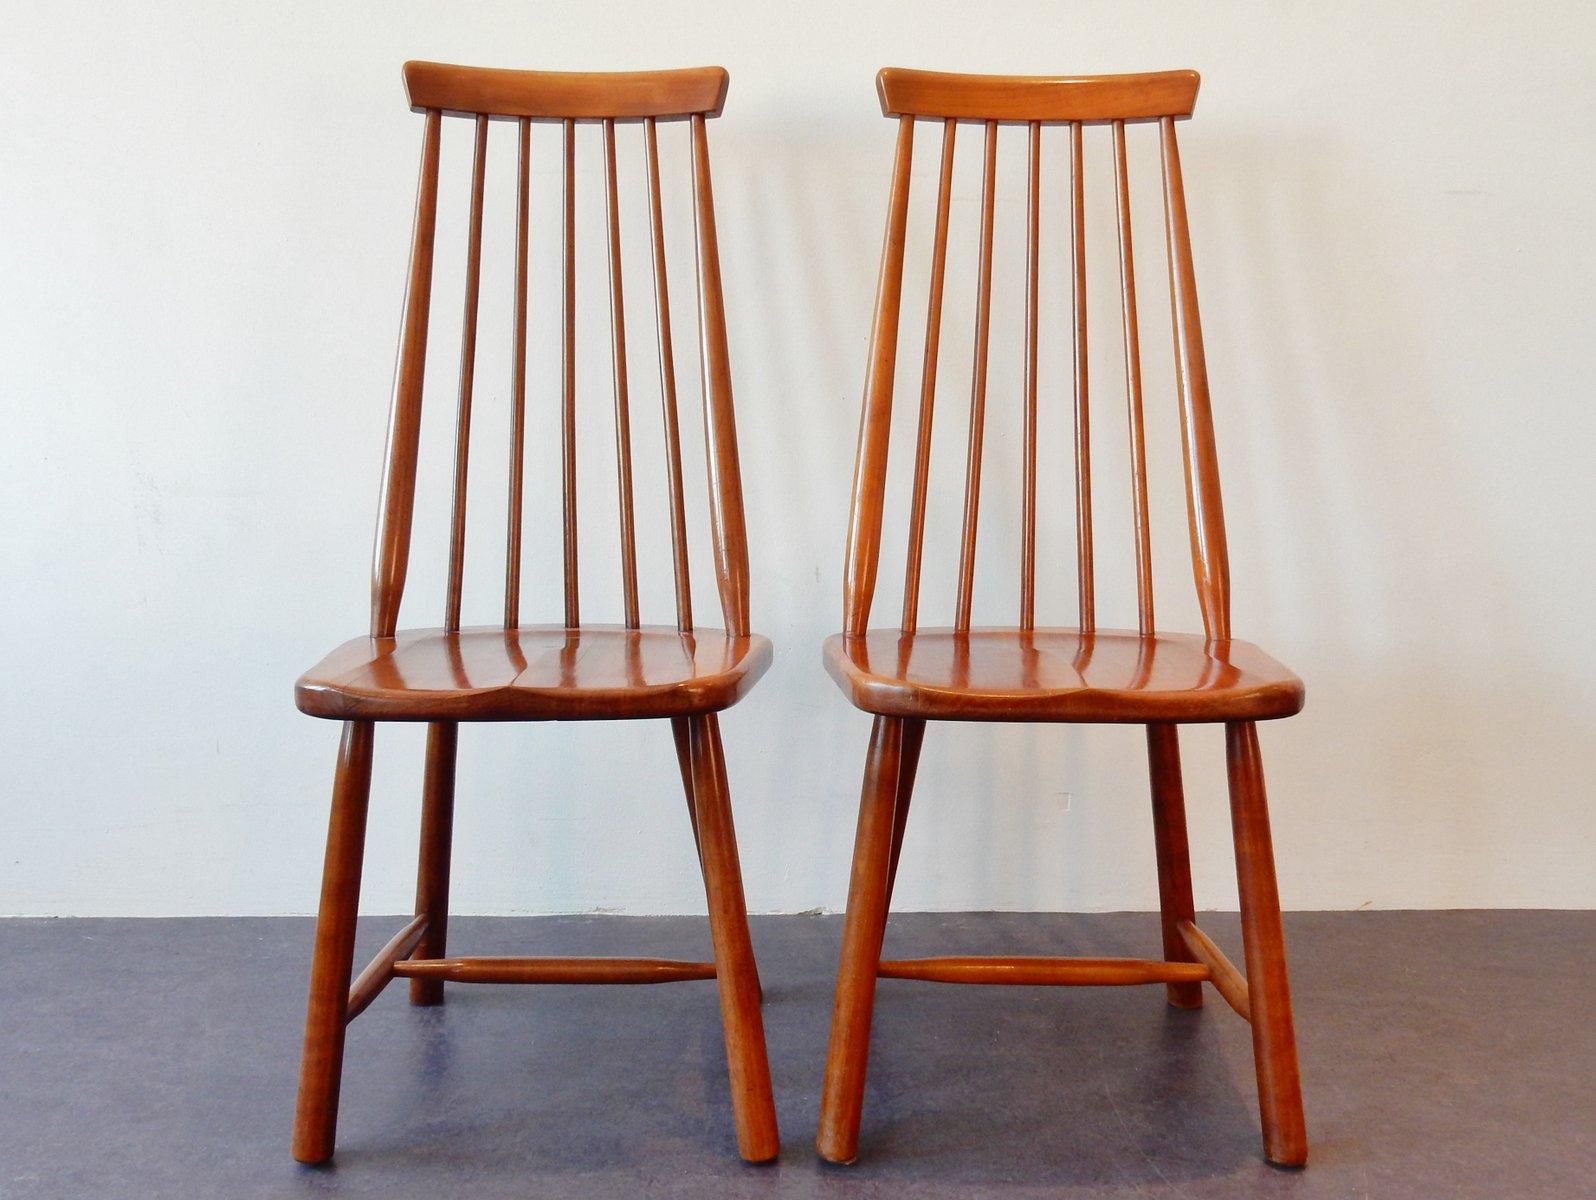 Chaises vintage en bois massif set de 2 en vente sur pamono for Chaise en bois massif